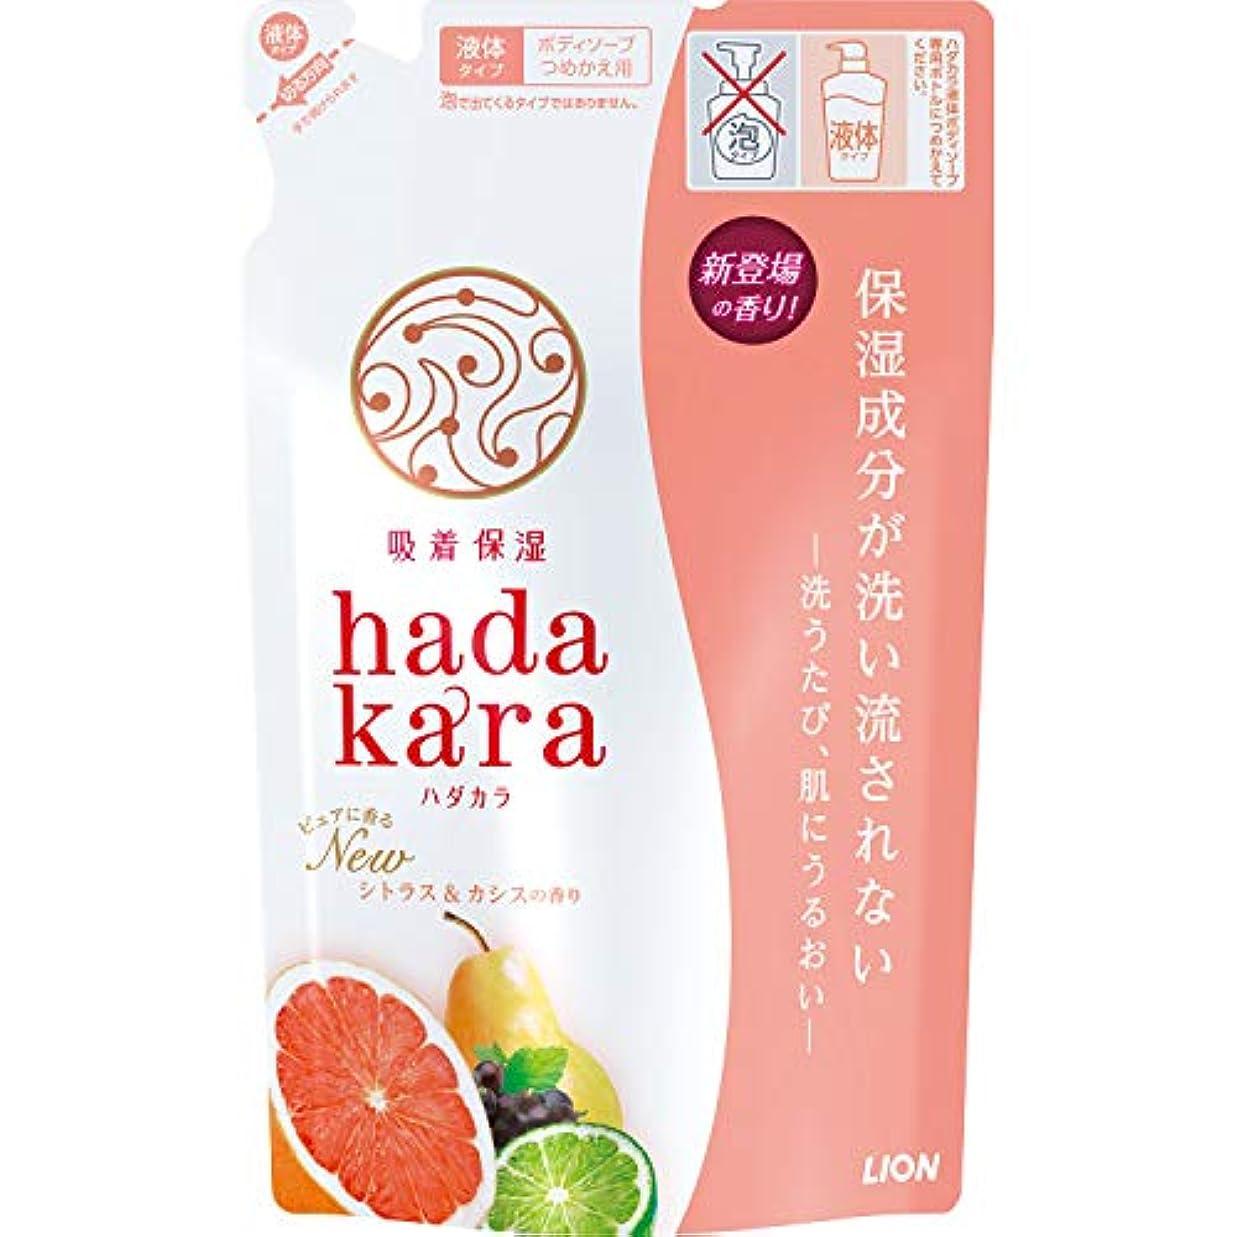 計算十年万歳hadakara(ハダカラ) ボディソープ シトラス&カシスの香り つめかえ 360ml 詰替え用